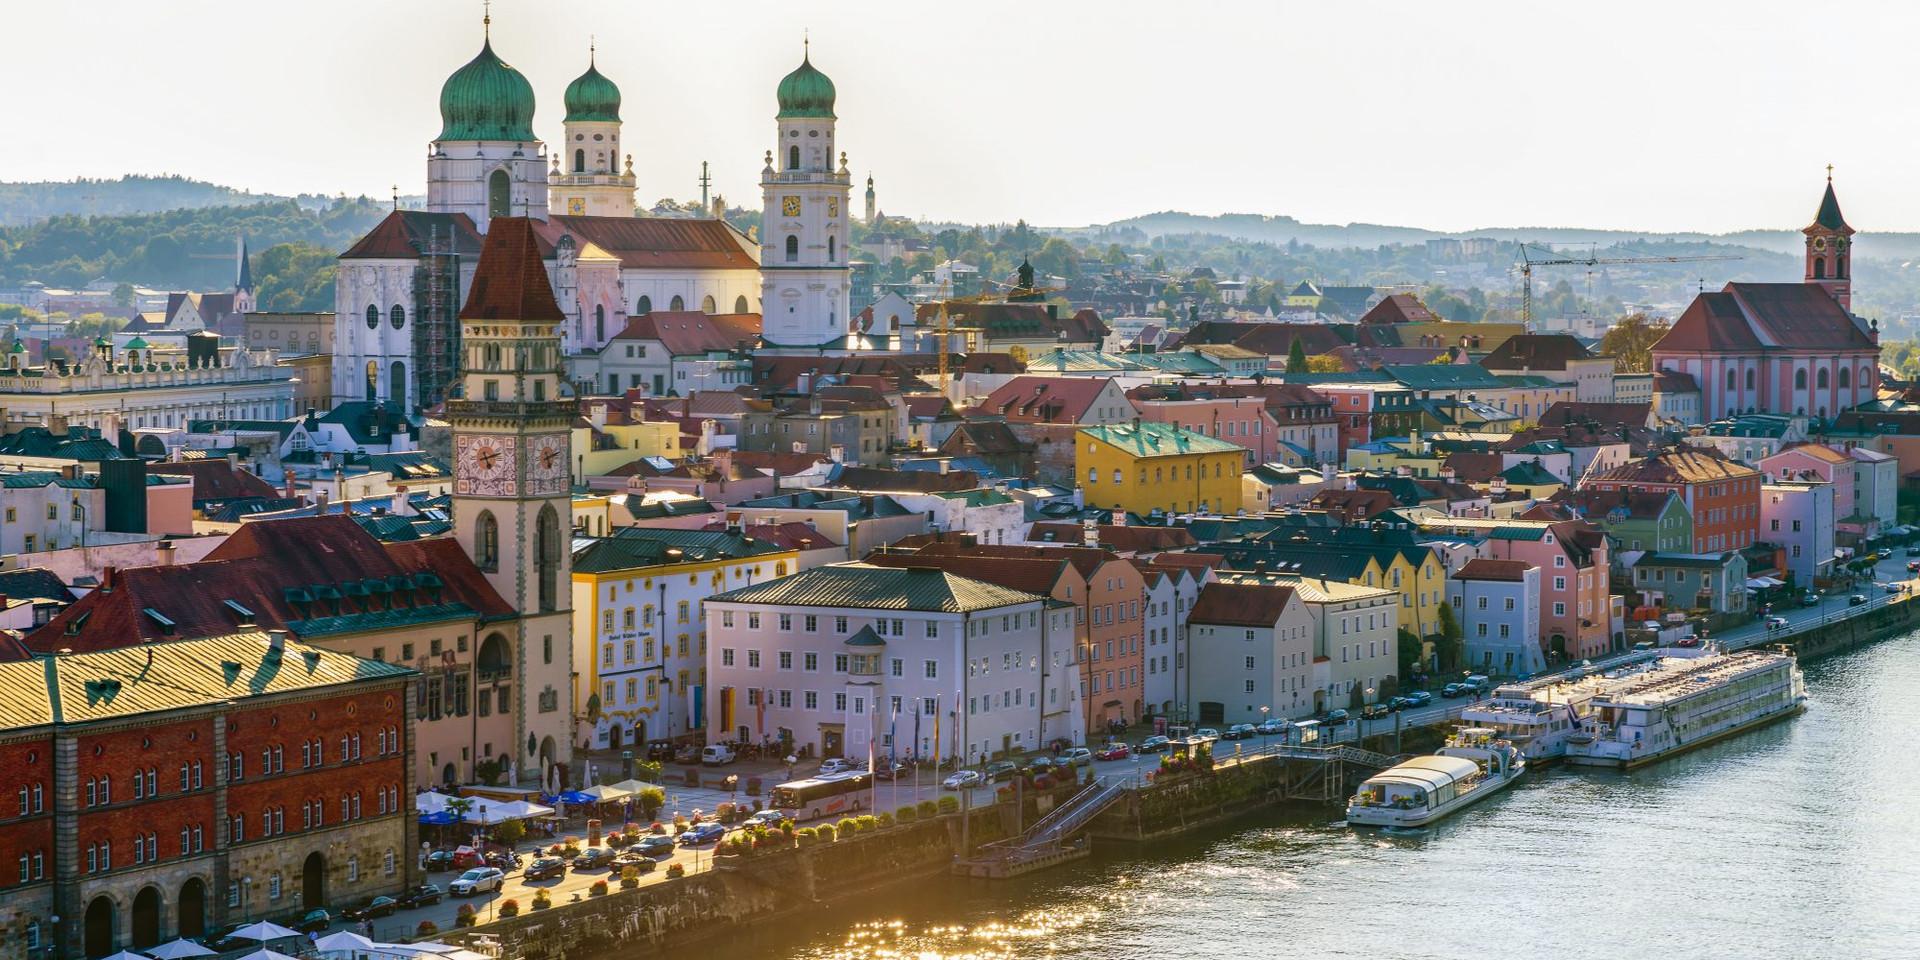 Passau (Germany, Day 1)